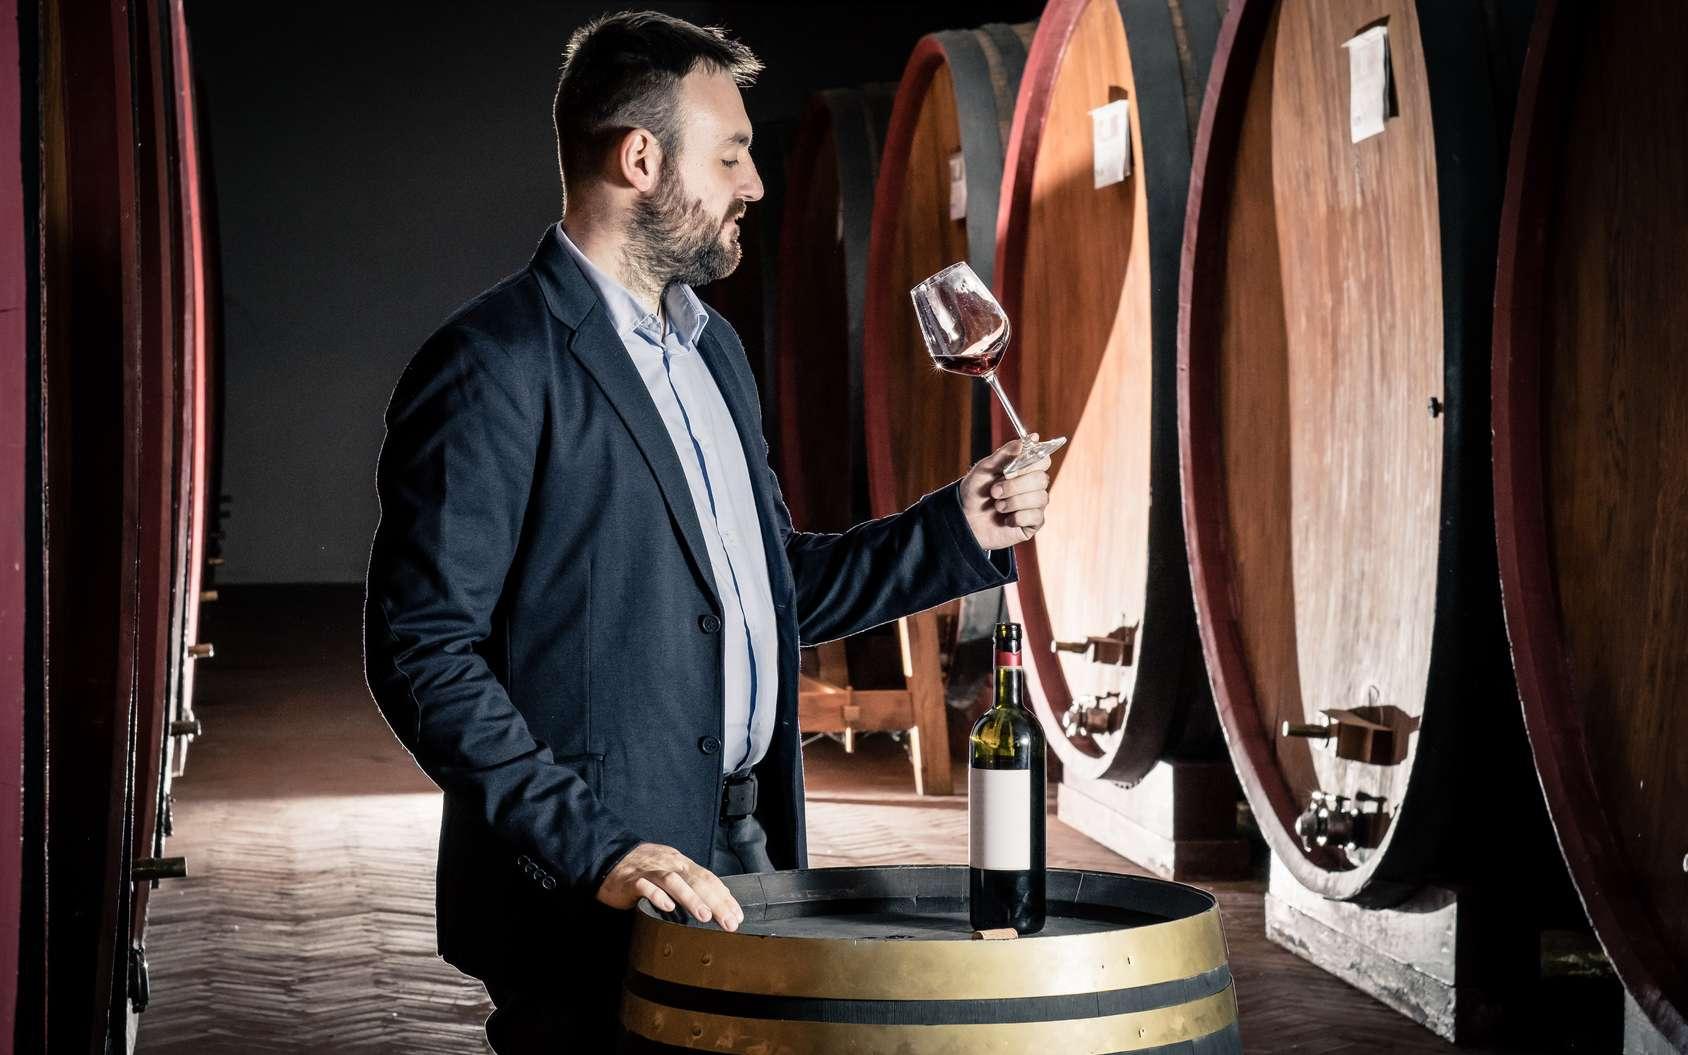 L'œnologue goûte régulièrement les vins afin de déterminer si des modifications sont à apporter au cours de sa vinification en fût. © Giorgio Pulcini, Fotolia